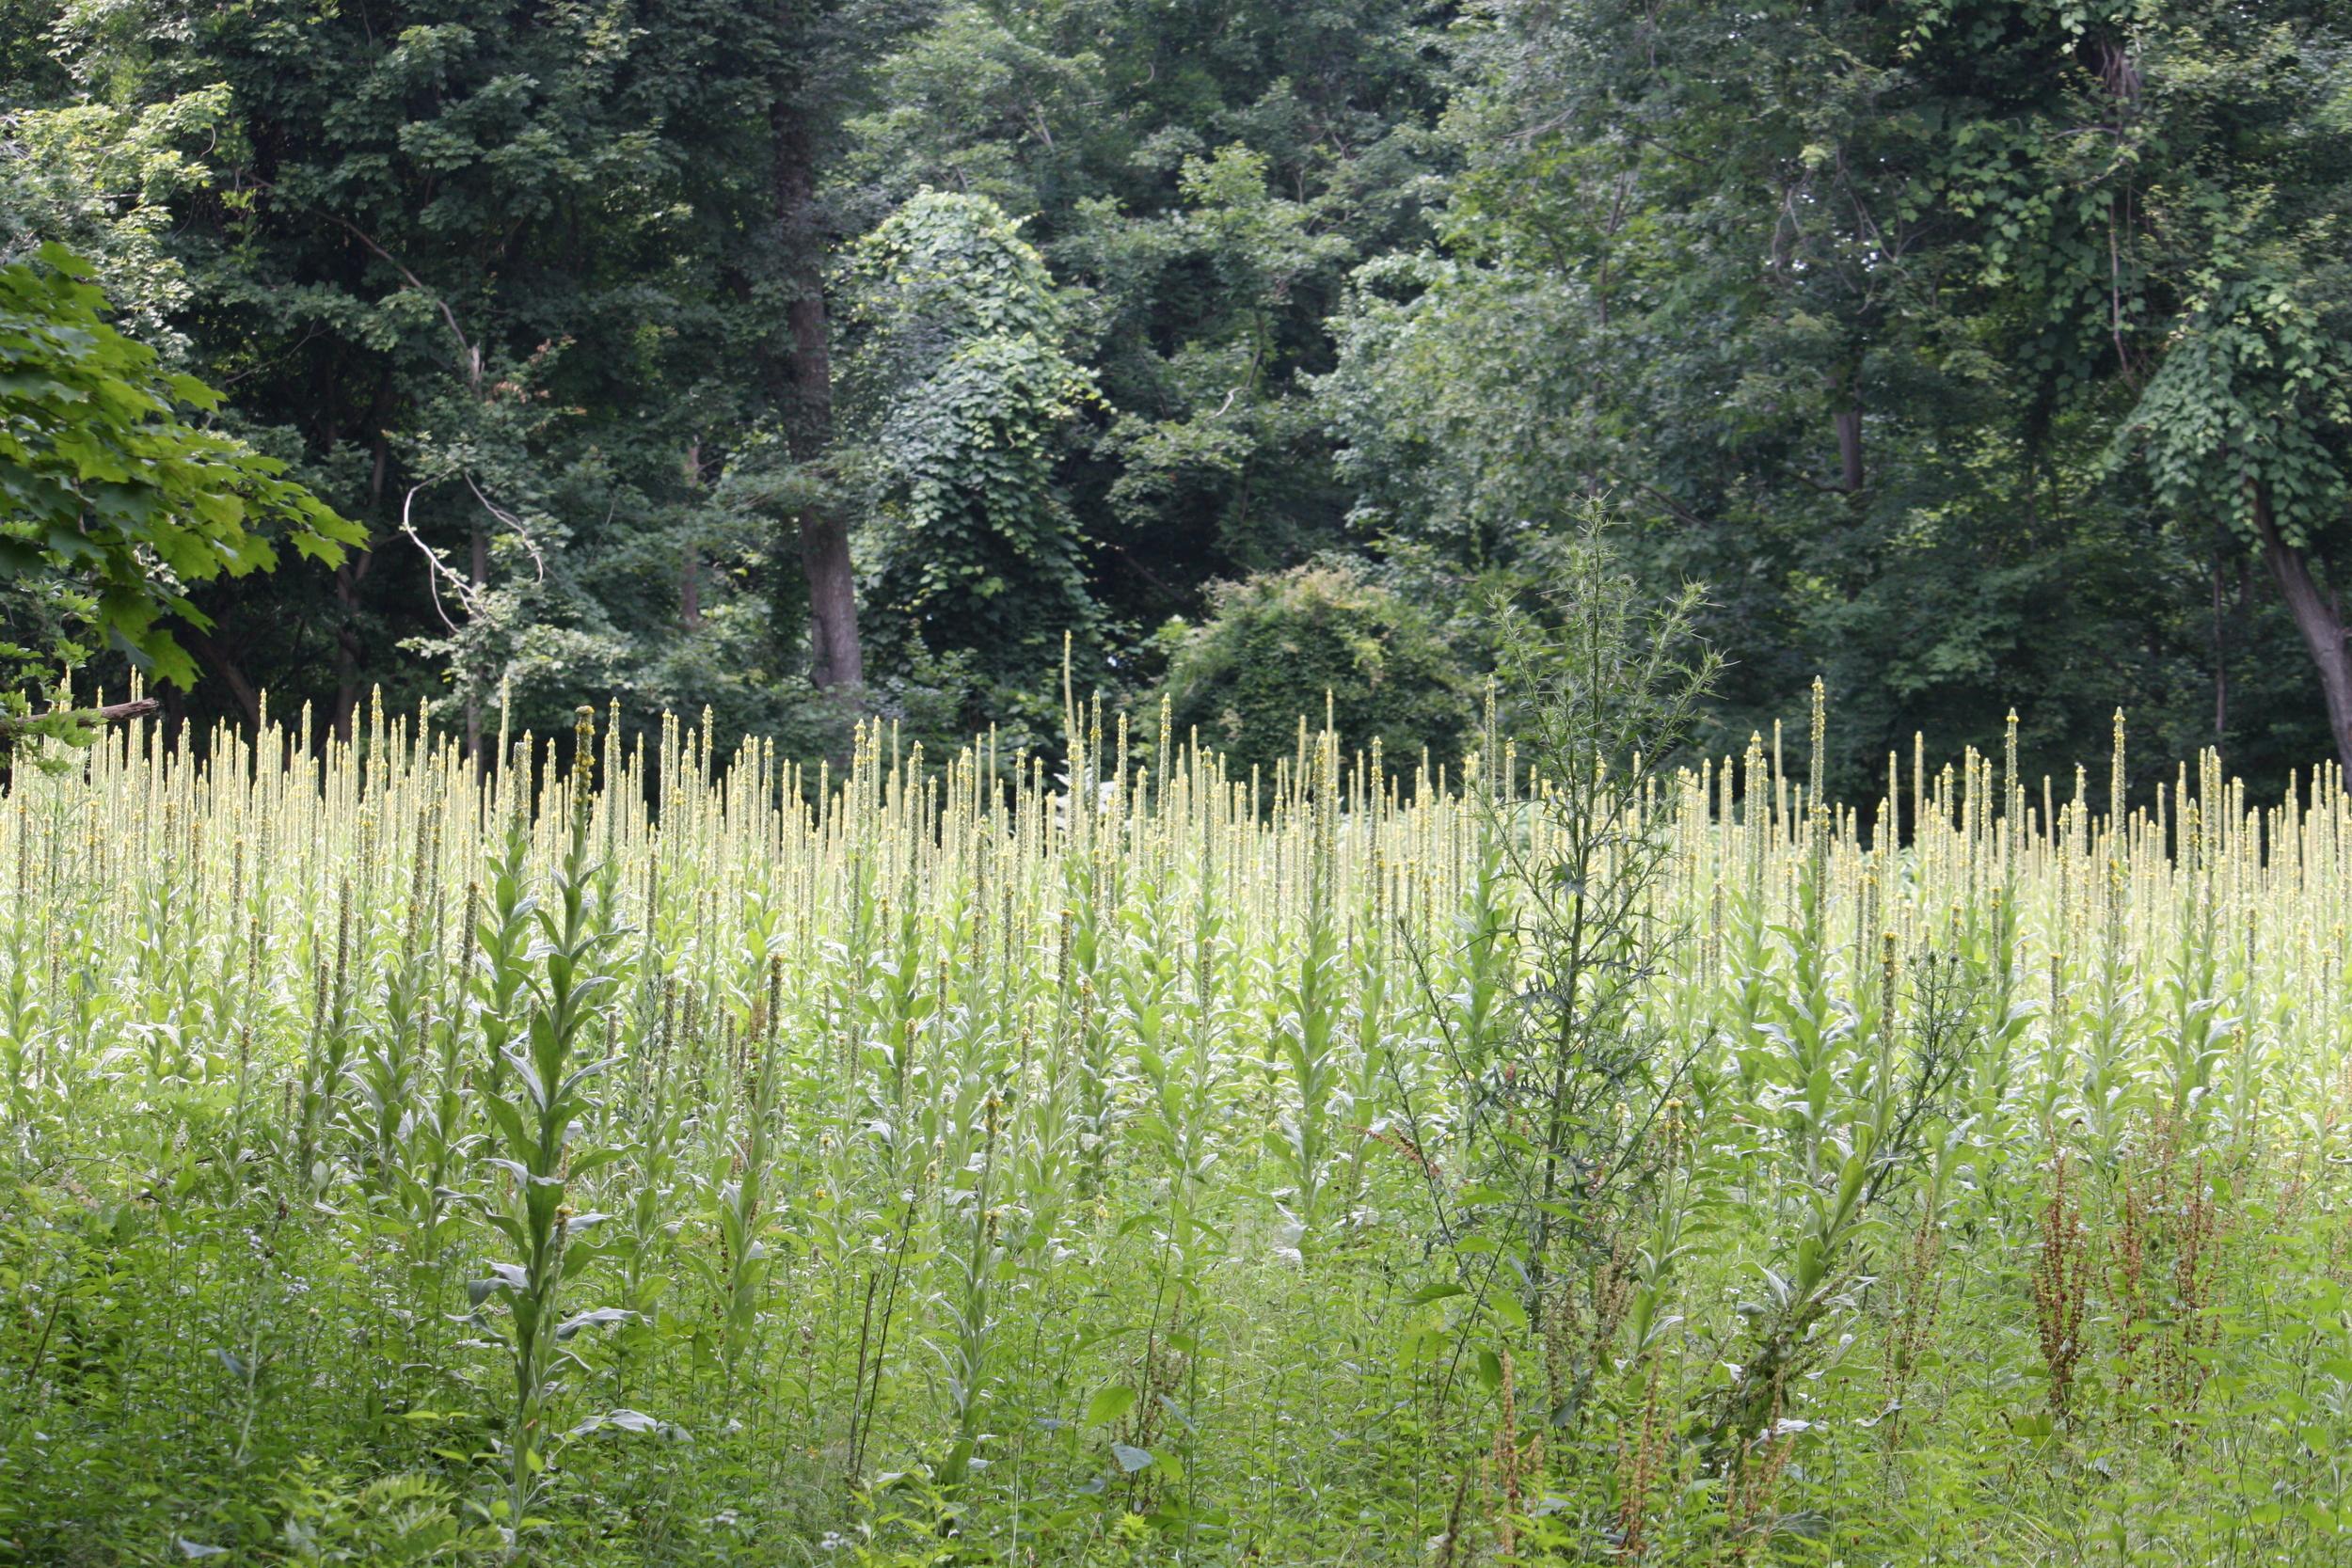 Field of mullein  Photo by Hubert Urruttia